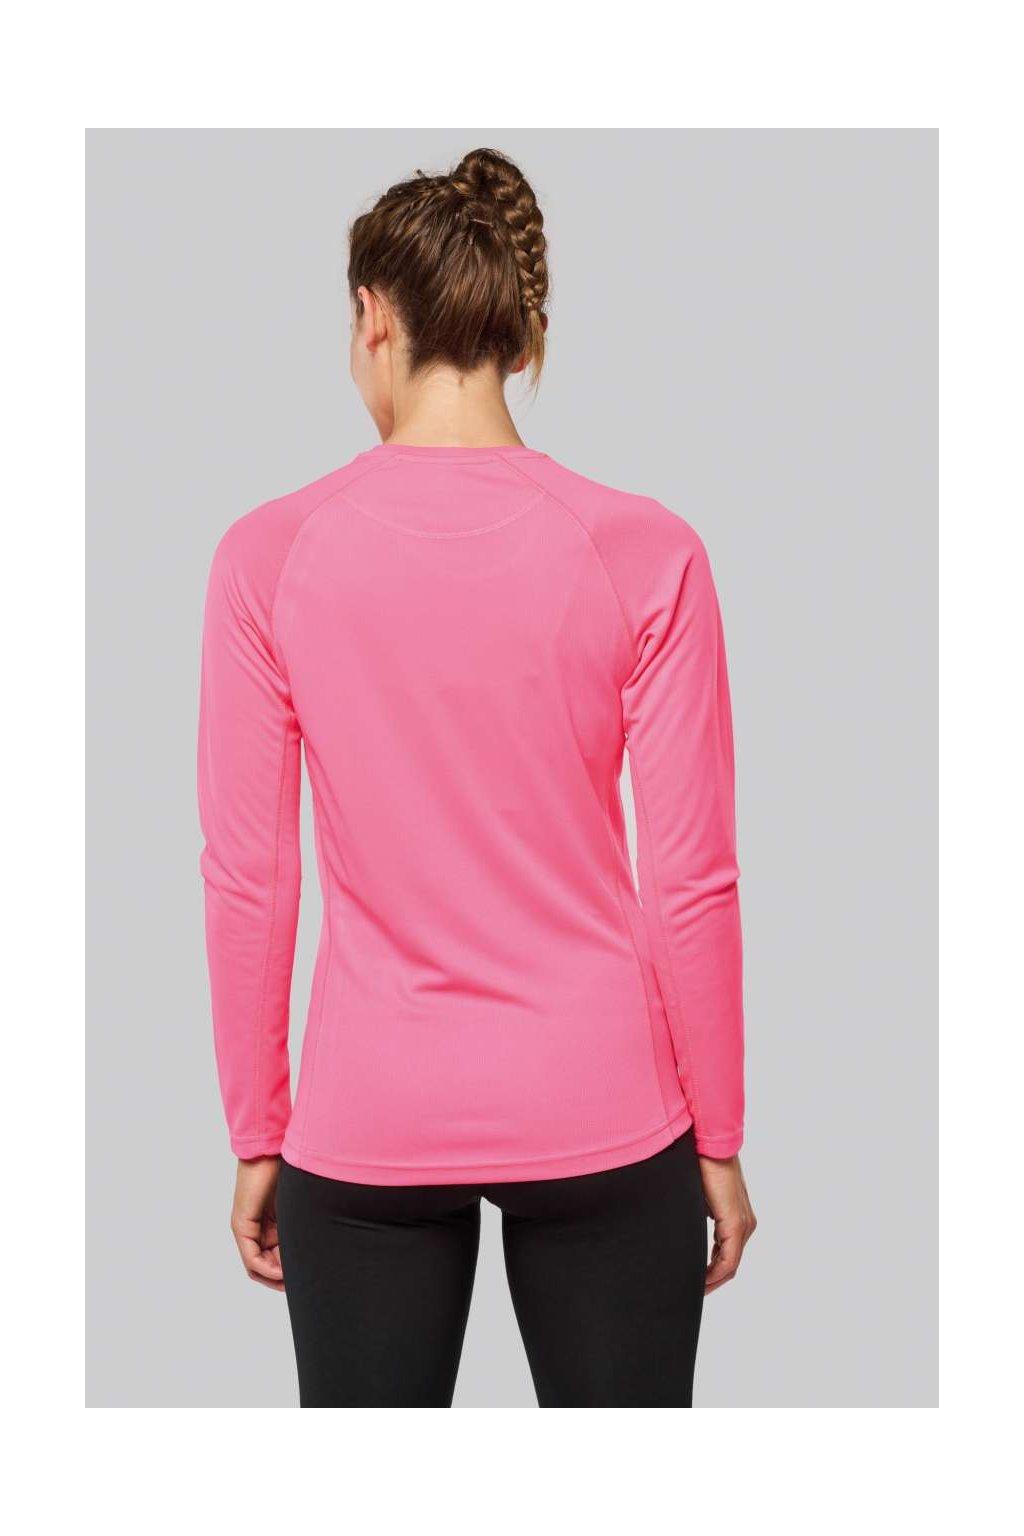 Dámské sportovní tričko s dlouhým rukávem AQUA